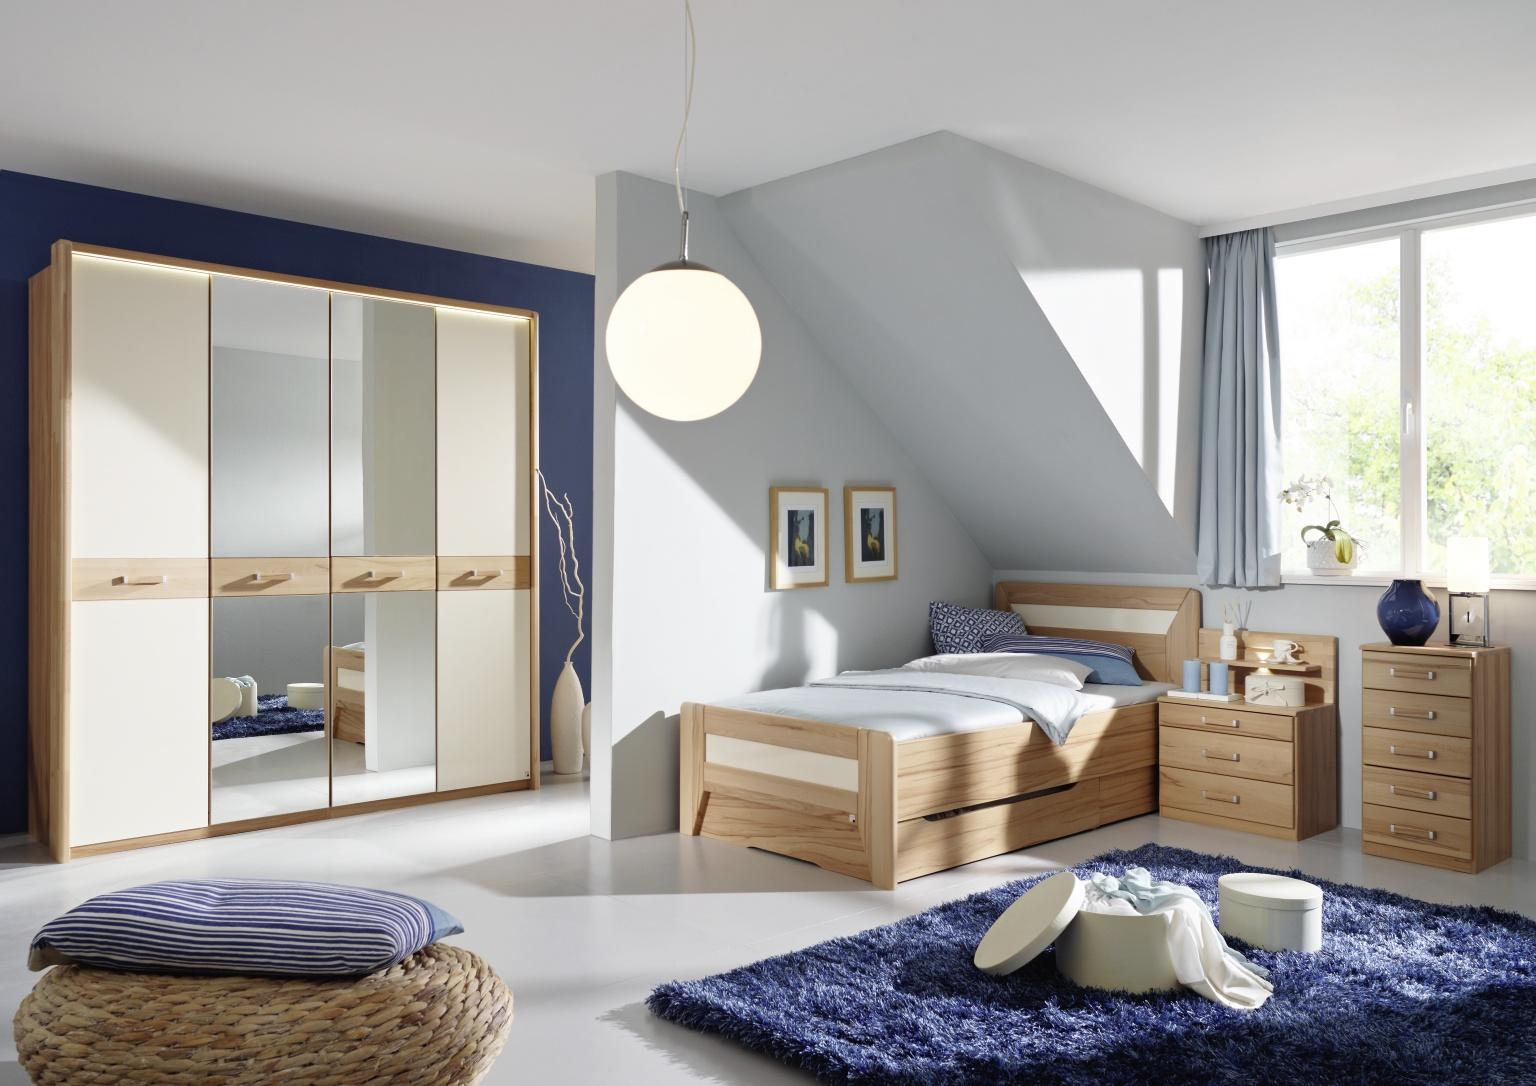 Slaapkamer hoogte hoogte wandlamp slaapkamer binnenlampen wandlampen cap een mezzanine - Mezzanine verlichting ...